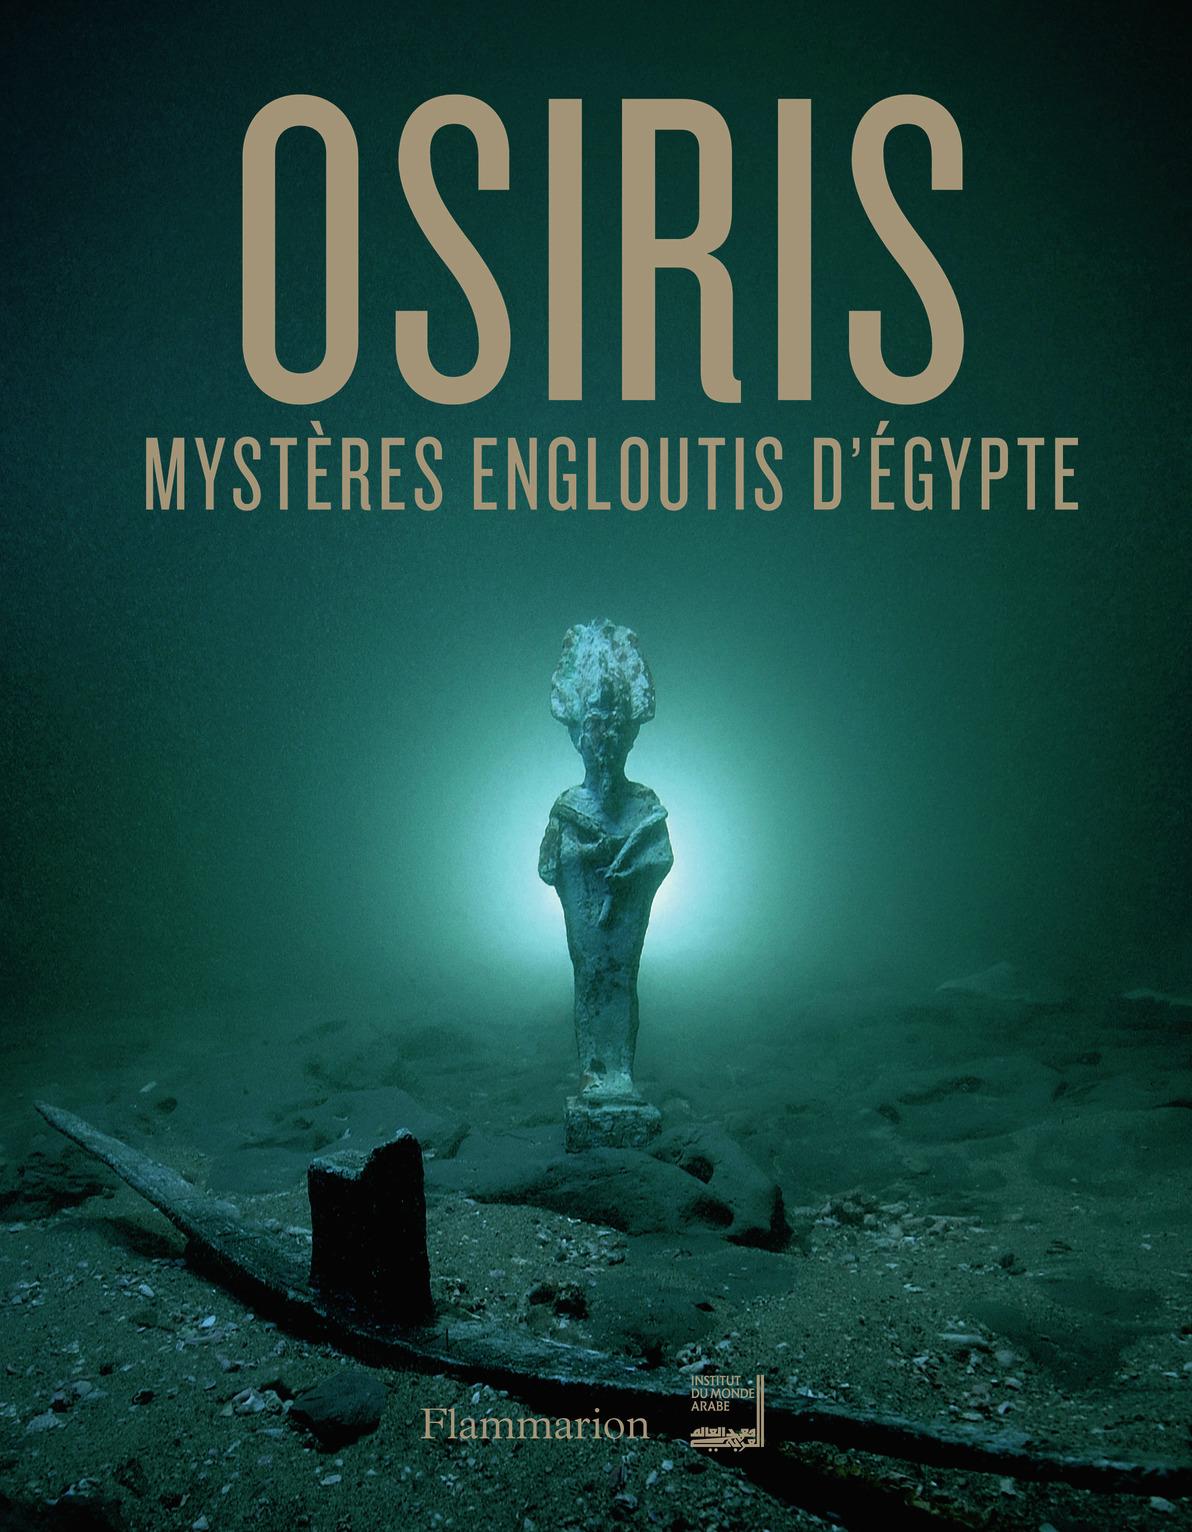 HISTOIRE - OSIRIS - MYSTERES ENGLOUTIS D'EGYPTE